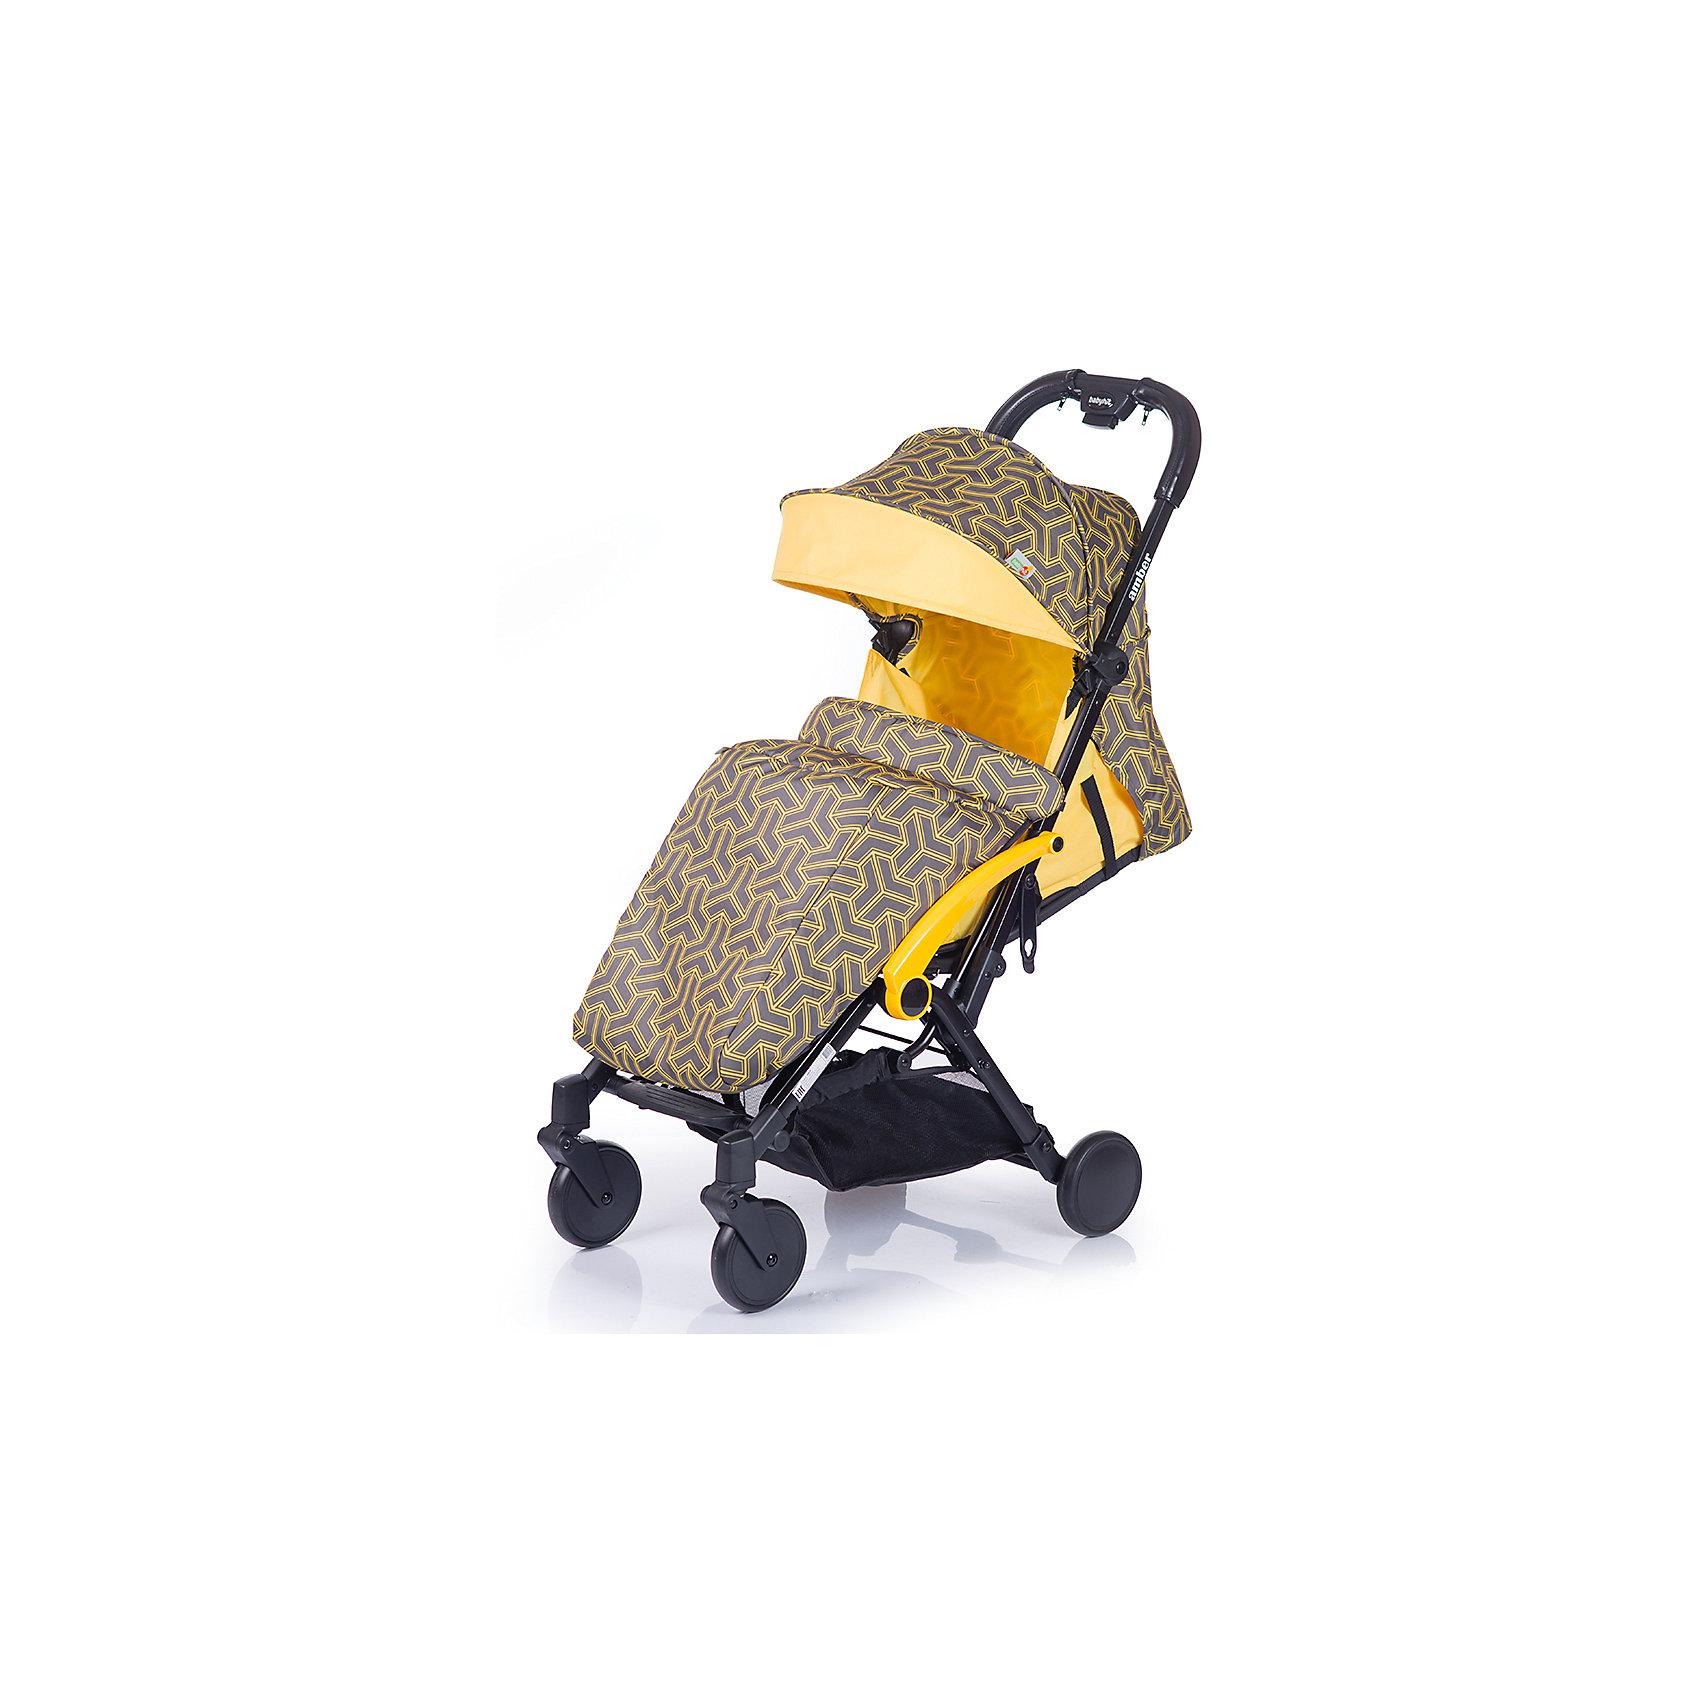 Прогулочная коляска BabyHit Amber (2017), жёлтыйПрогулочные коляски<br>Характеристики коляски<br><br>Прогулочный блок:<br><br>• наклон спинки регулируется, 4 положения, ременной принцип, угол наклона 160 градусов;<br>• бампер изготовлен по принципу штурвала: имеется разделитель для ножек и Т-образный поручень для ручек;<br>• капюшон оснащен солнцезащитным капюшоном и смотровым окошком;<br>• ремни безопасности регулируются по длине и высоте;<br>• длина спального места: 66 см;<br>• ширина сиденья: 32 см;<br>• высота спинки: 42 см<br><br>Рама коляски:<br><br>• внизу расположена корзина для покупок;<br>• передние колеса поворотные без блокировки;<br>• рама складывается по принципу книжка вместе с прогулочным блоком;<br>• коляска складывается одной рукой, кнопка на ручке коляски;<br>• диаметр колес: 13,5 см;<br>• материал колес: псевдорезина;<br>• материал рамы: алюминий.<br><br>Размер коляски: 104x85x47 см<br>Размер коляски в сложенном виде: 54x47x32 см<br>Вес коляски: 6,7 кг<br>Размер упаковки: 57х46,5х25,5 см<br>Вес в упаковке: 7,6 кг<br><br>Дополнительная комплектация:<br><br>• сумка для хранения и транспортировки в сложенном виде;<br>• чехол на ножки;<br>• дождевик;<br>• москитная сетка;<br>• инструкция. <br><br>Прогулочную коляску AMBER (2017), Babyhit, цвет жёлтый можно купить в нашем интернет-магазине.<br><br>Ширина мм: 465<br>Глубина мм: 255<br>Высота мм: 570<br>Вес г: 7600<br>Возраст от месяцев: 7<br>Возраст до месяцев: 36<br>Пол: Унисекс<br>Возраст: Детский<br>SKU: 5500281